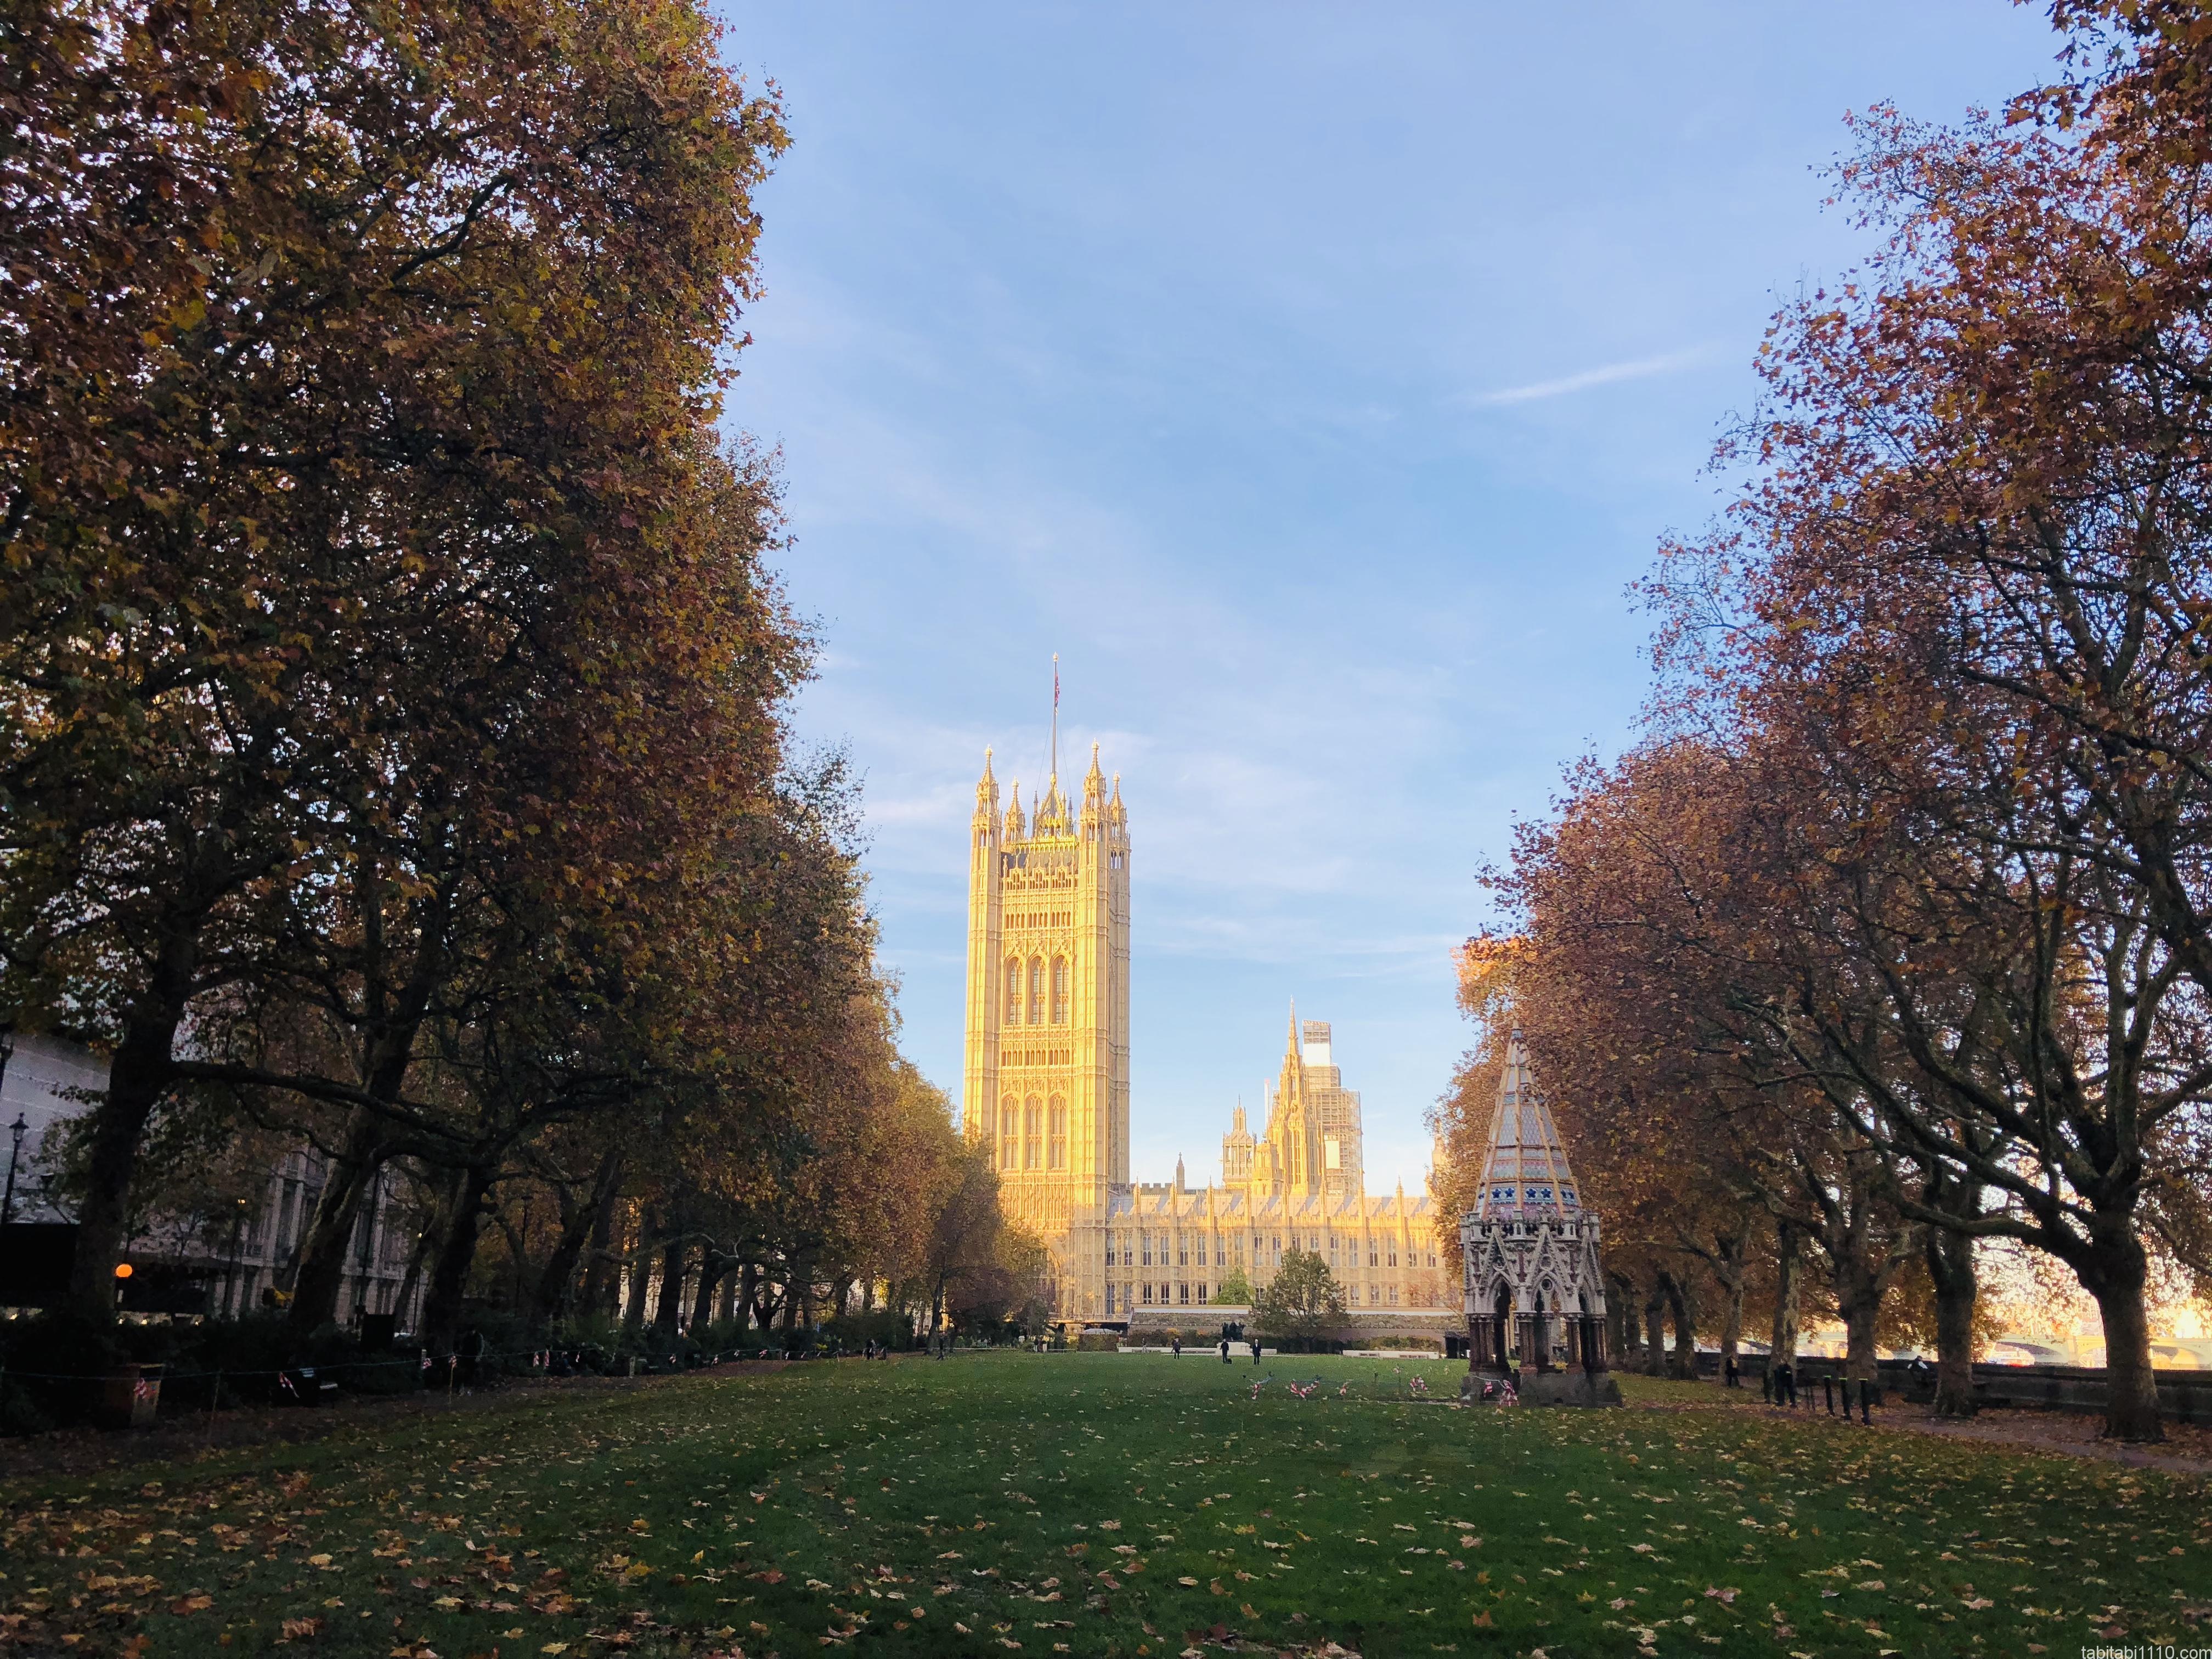 ロンドン|ウエストミンスター宮殿